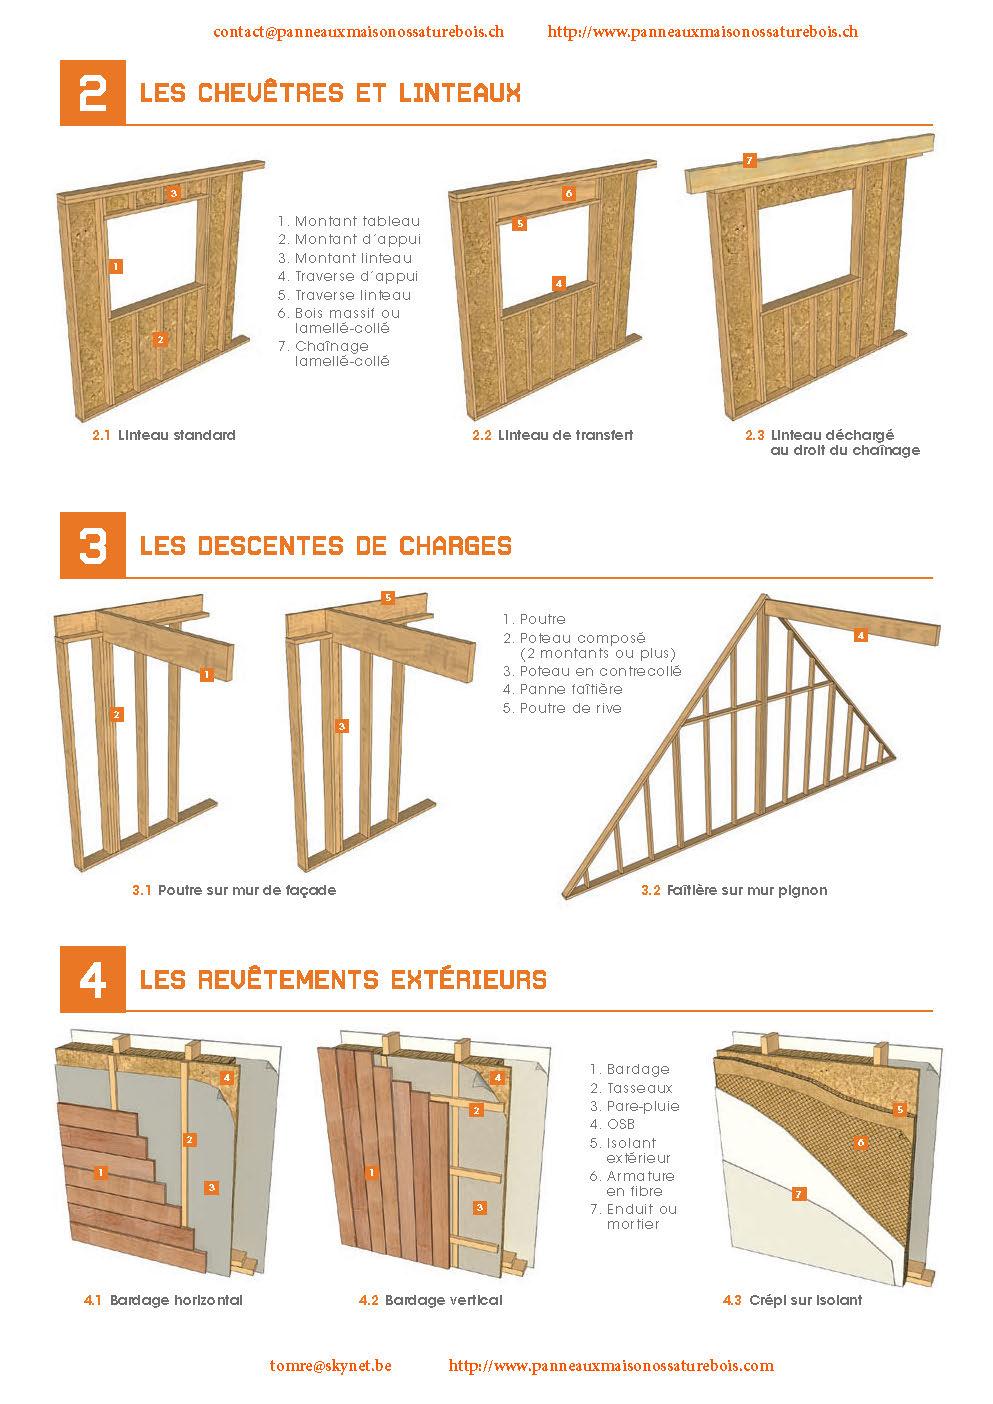 Guide panneaux maison Ossature Bois. com Page_01 (9)